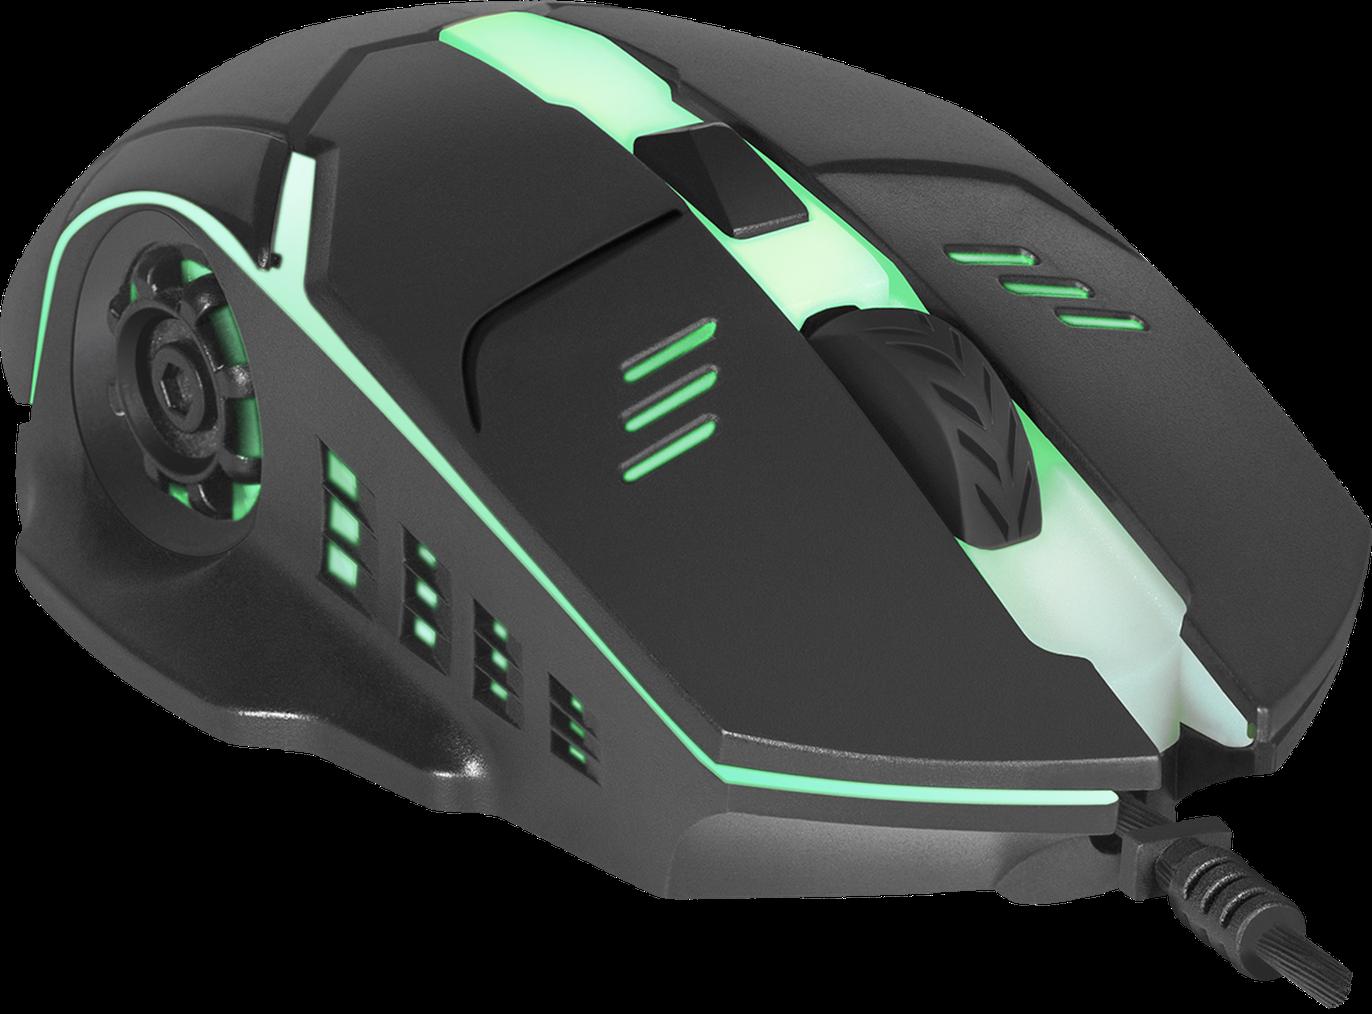 Мышь Defender Ultra Matt MB-470 Black USB Оптическая, 1000 dpi, 4 кнопки, включая колесо прокрутки